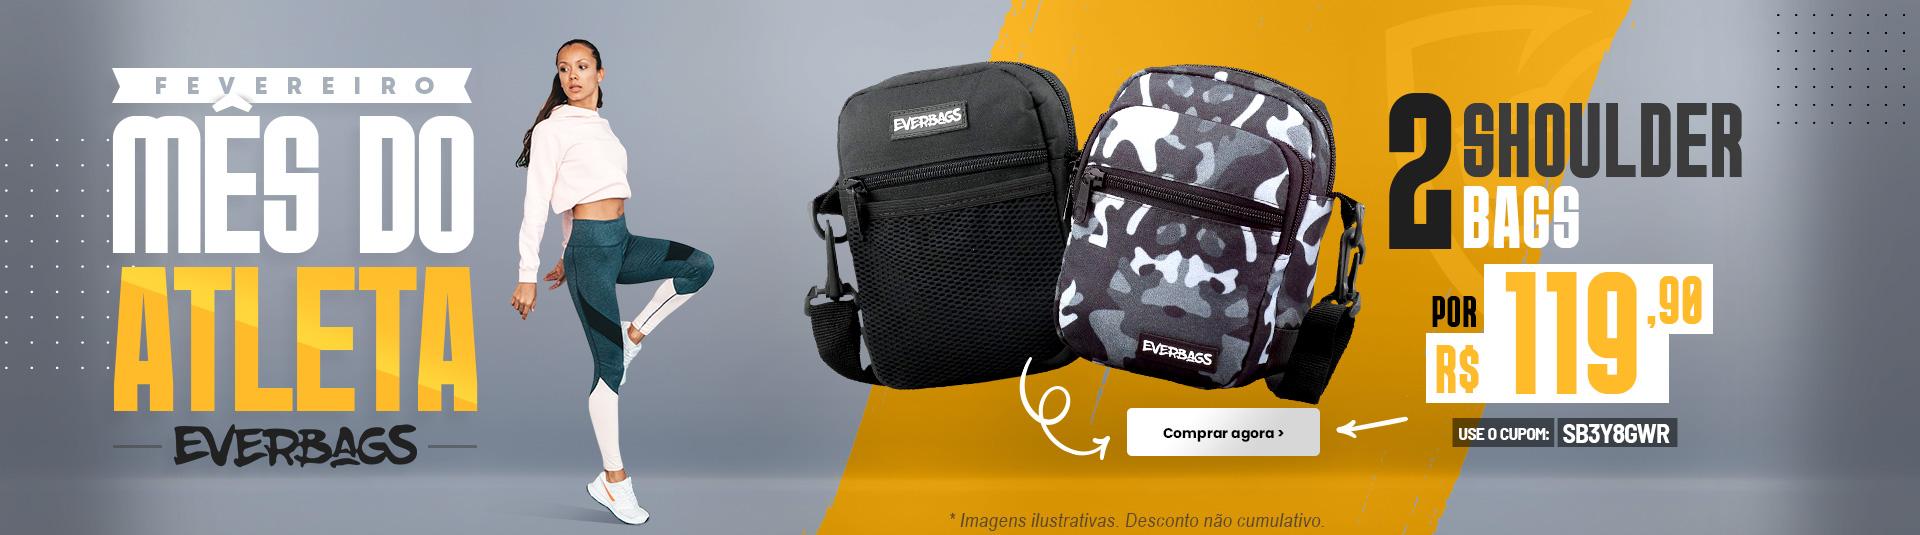 Fevereiro Mês do Atleta | Shoulder Bag